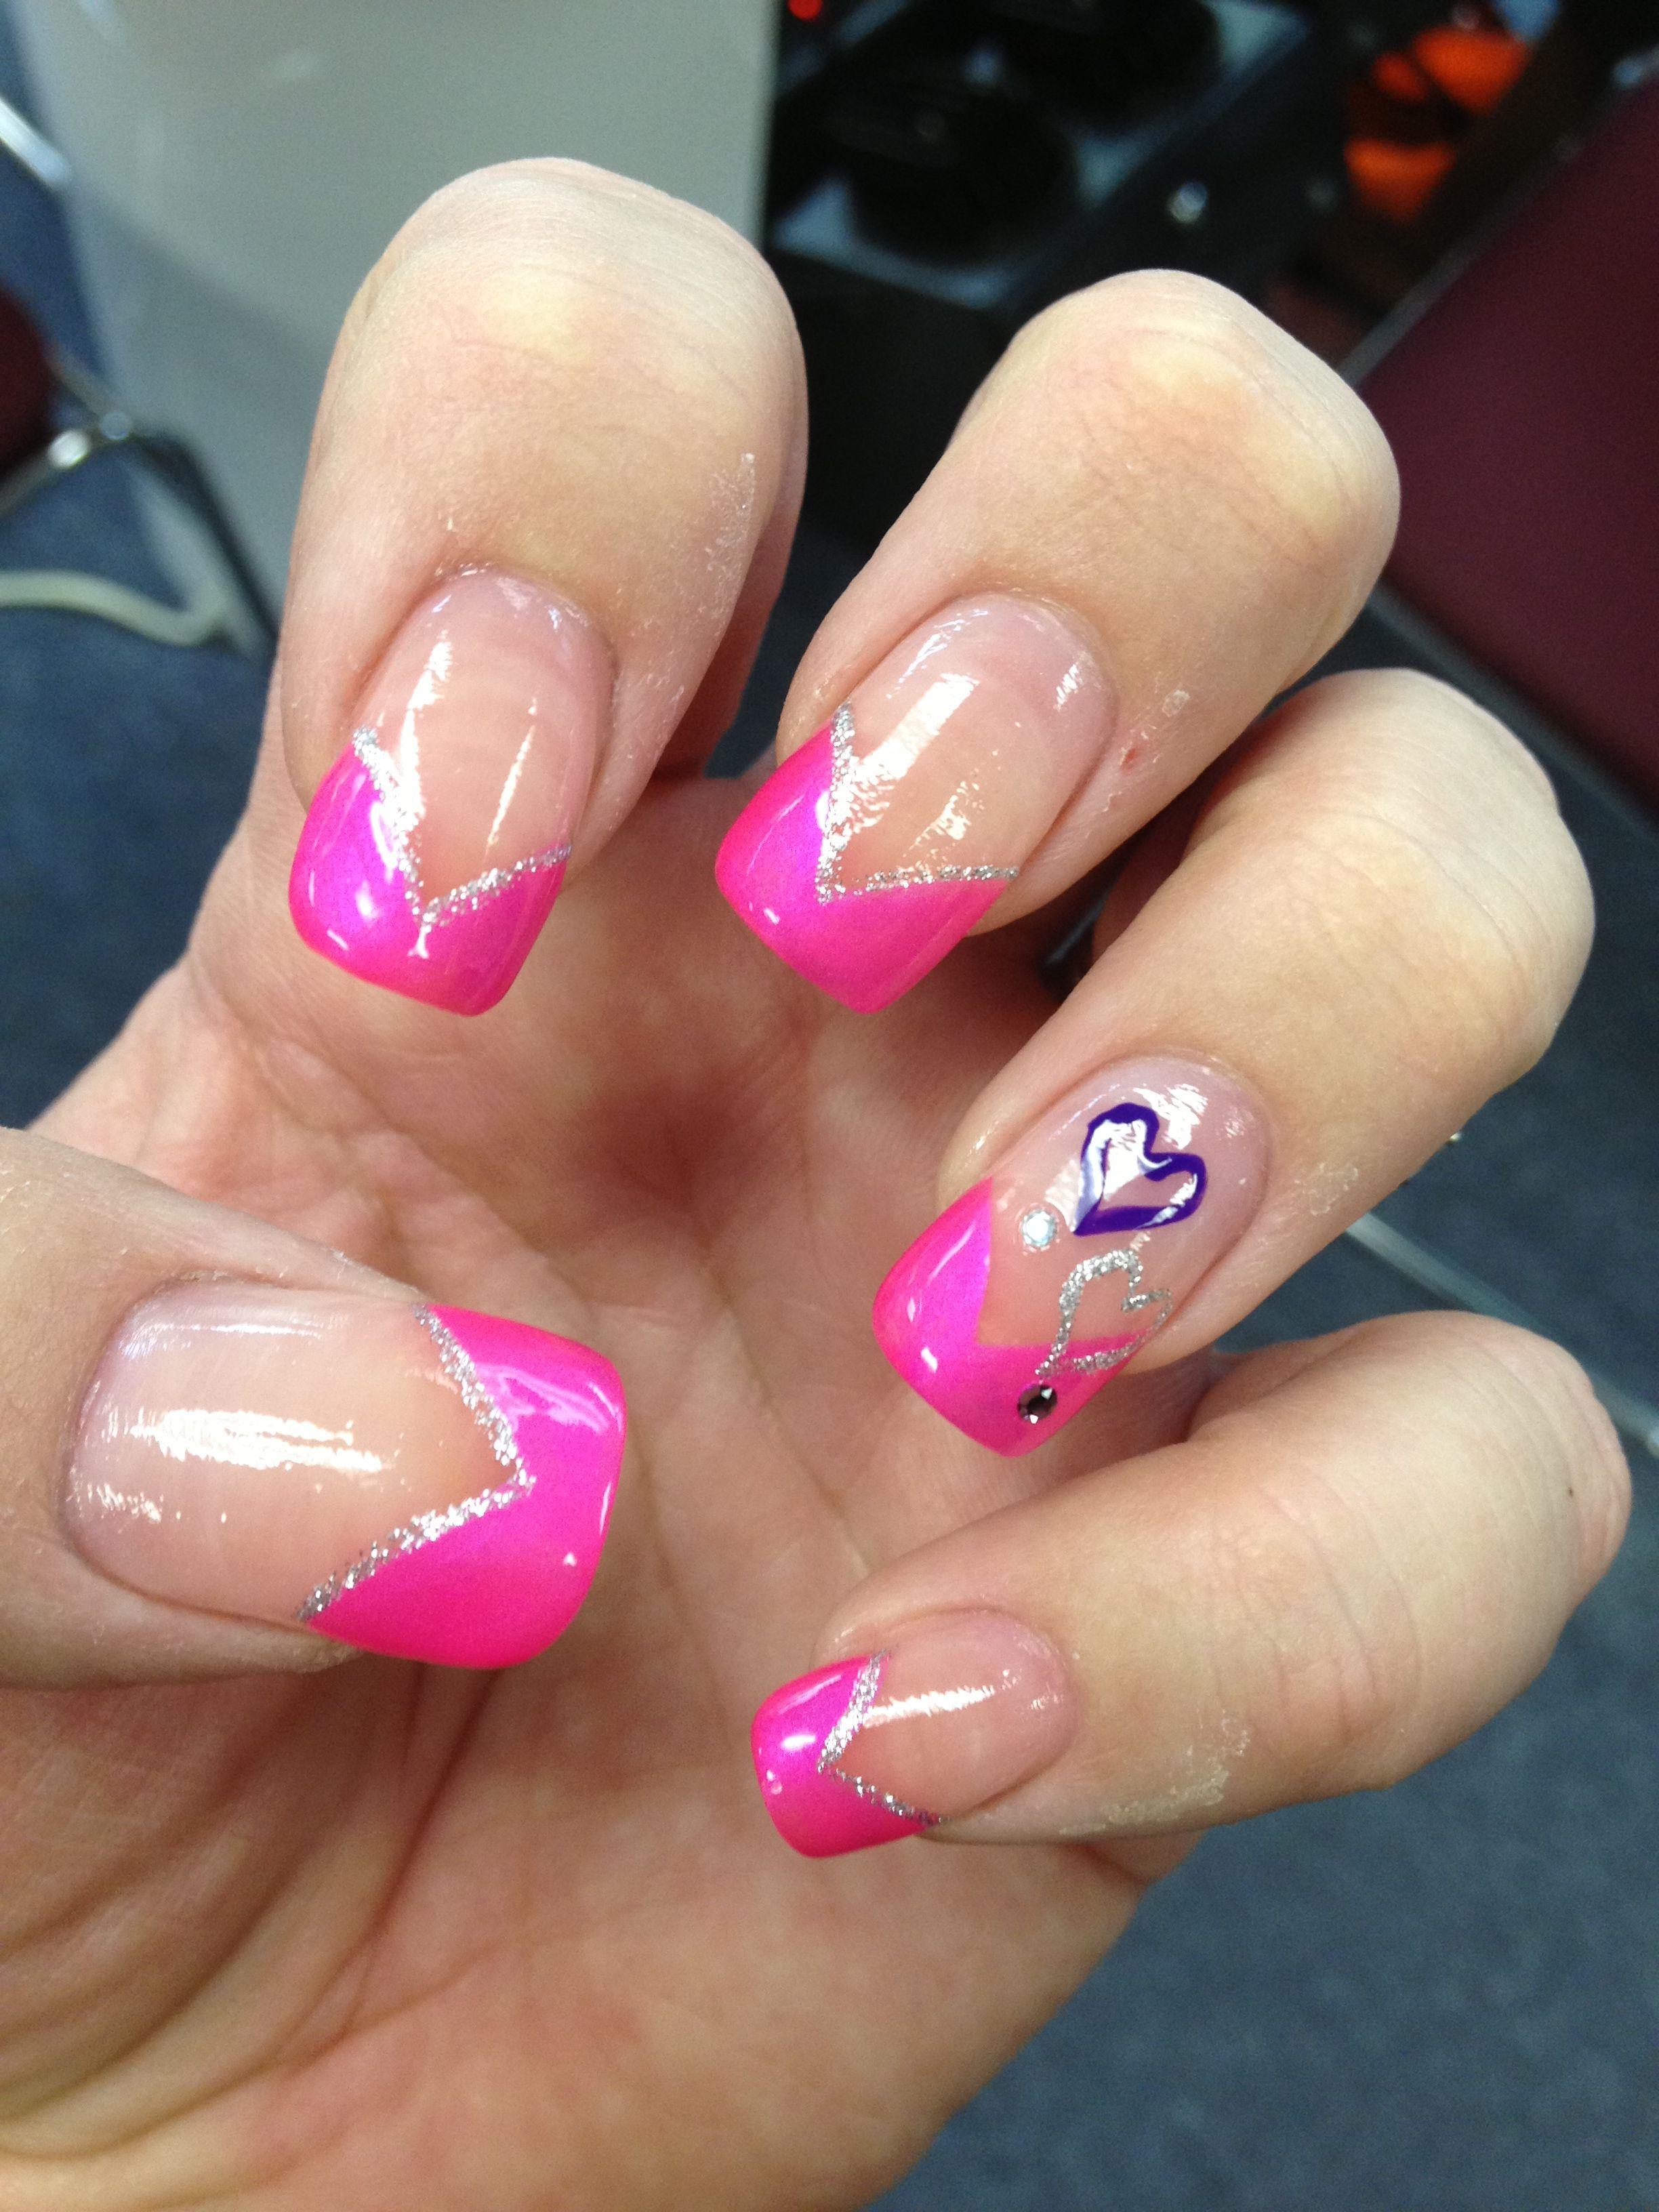 Valentines Nails Nail Art. Art Holiday Design